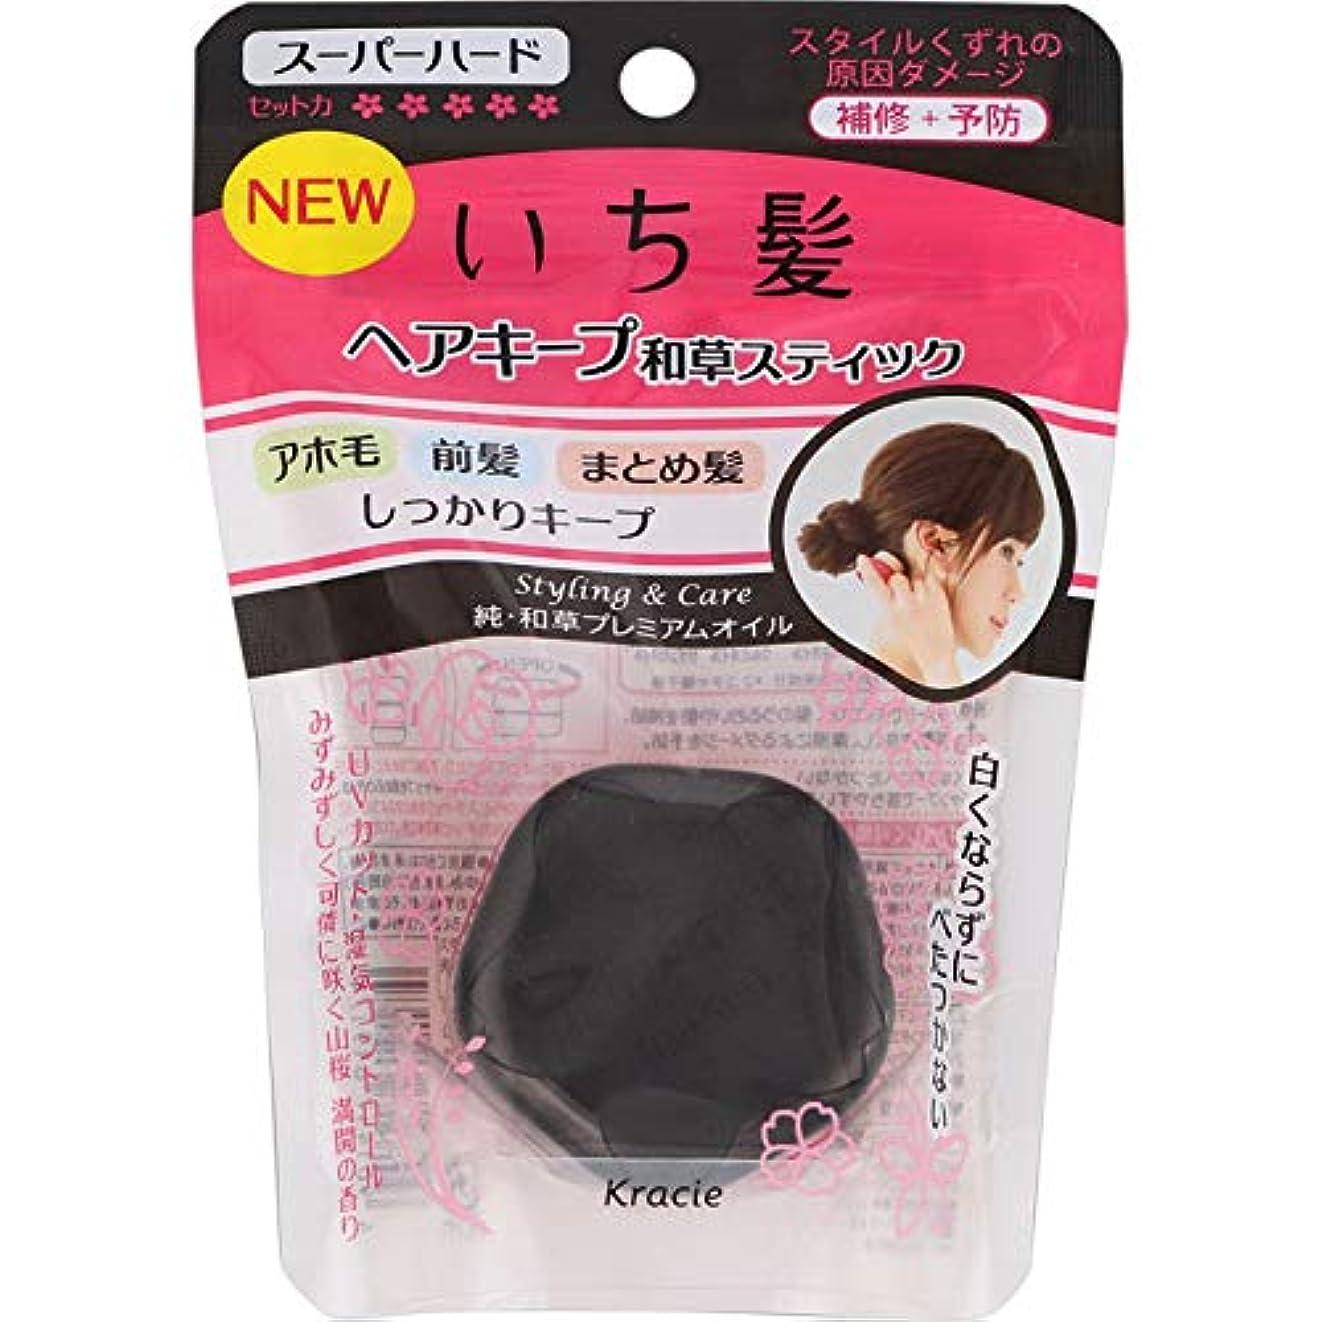 ヤギ要求ライブいち髪 ヘアキープ和草スティック(スーパーハード) × 4個セット